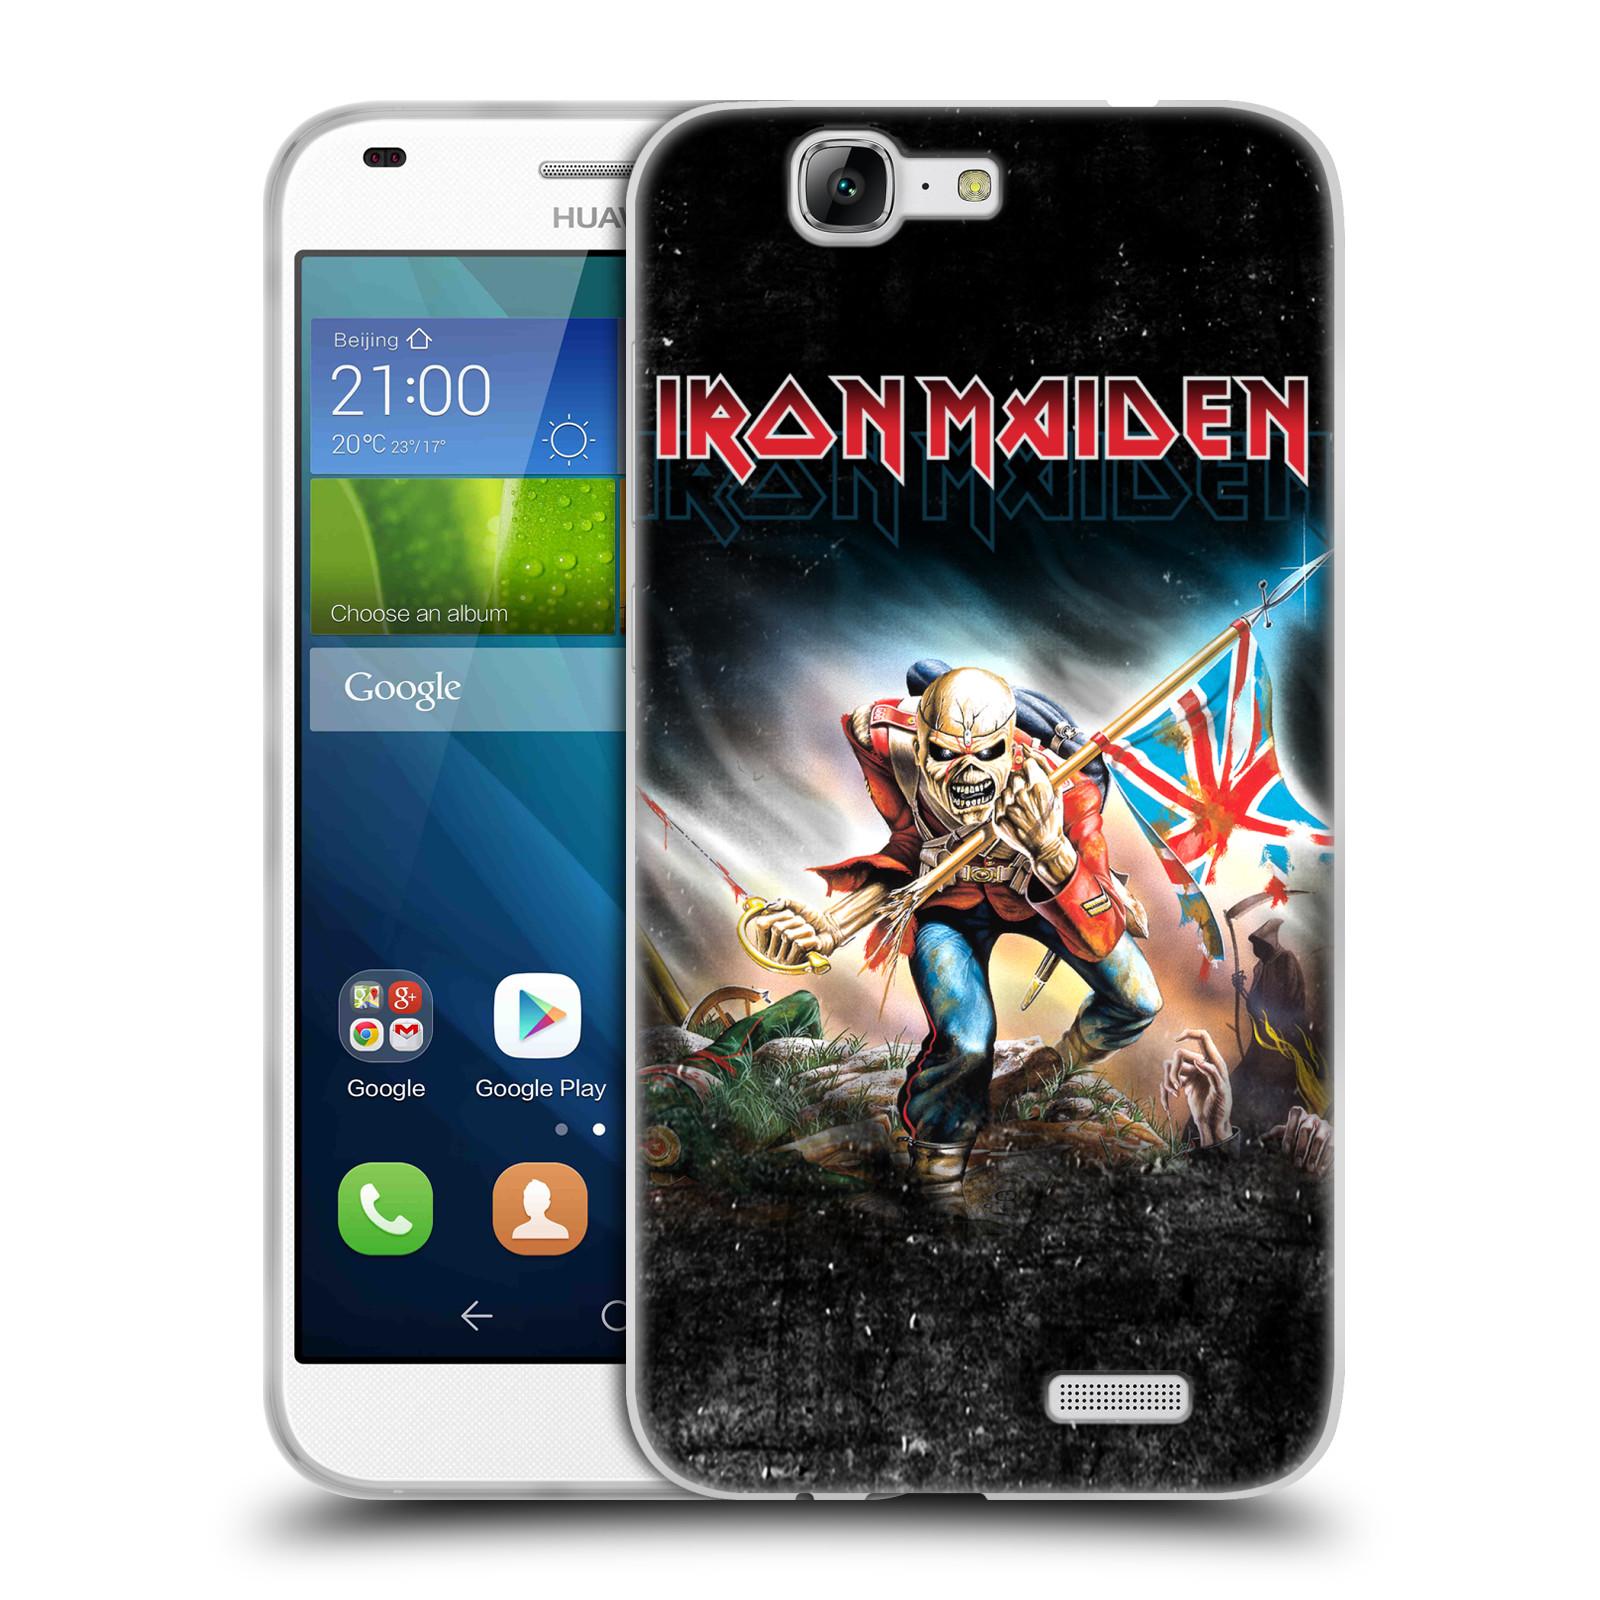 Silikonové pouzdro na mobil Huawei Ascend G7 HEAD CASE - Iron Maiden - Trooper 2016 (Silikonový kryt či obal na mobilní telefon s licencovaným motivem Iron Maiden Huawei Ascend G7)